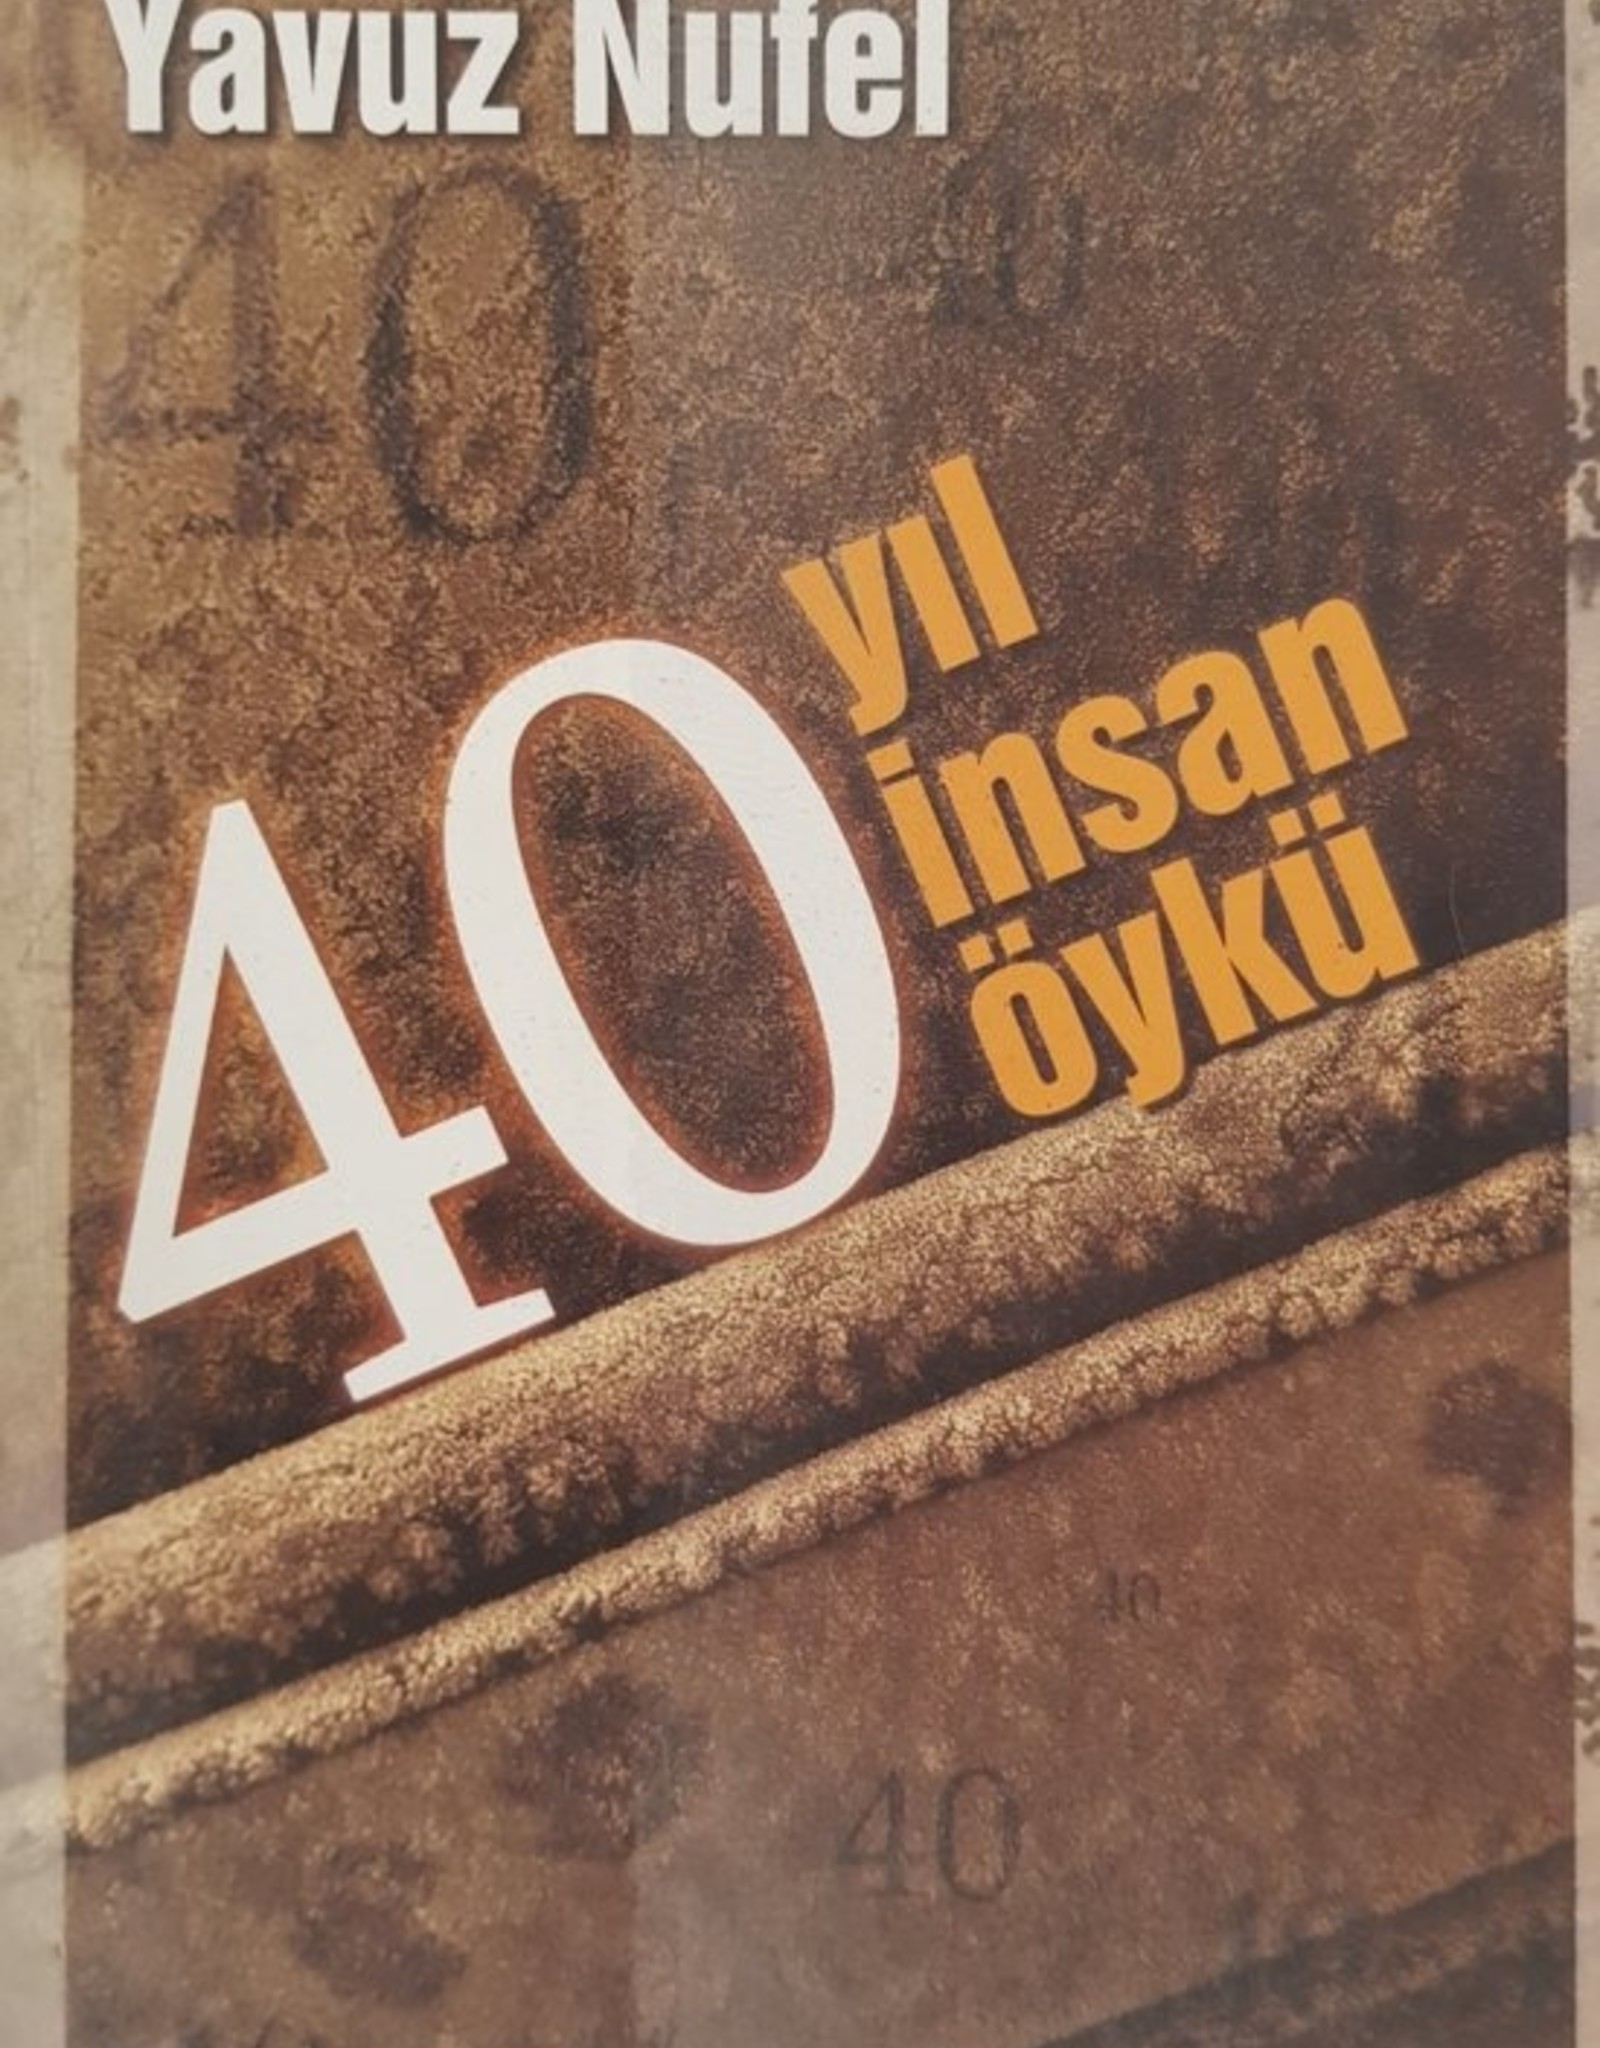 40 Yıl Insan Öykü Yavuz Nufel